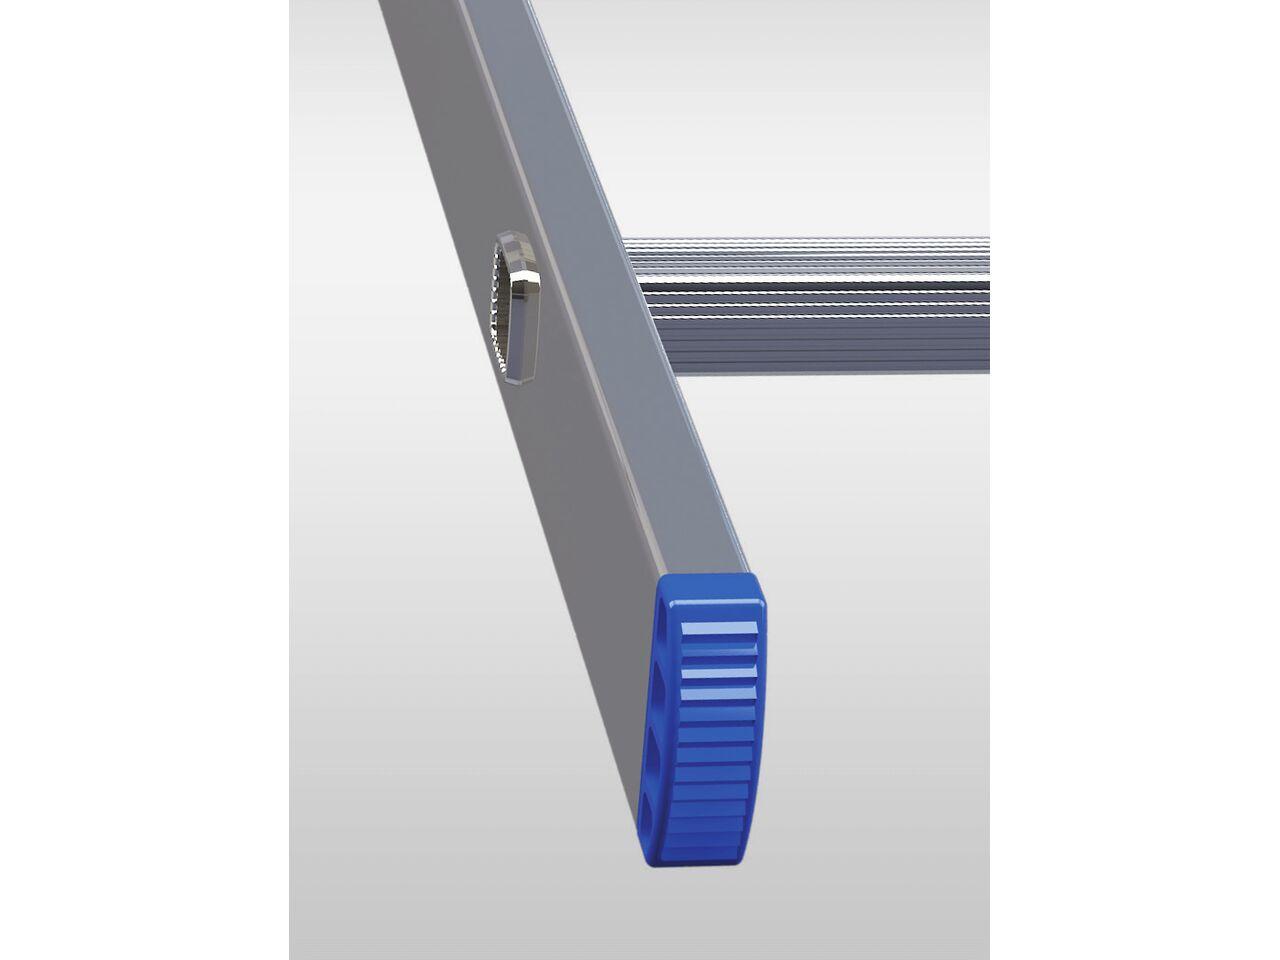 Односекционная алюминиевая лестница ELKOP VHR 1x9 HK